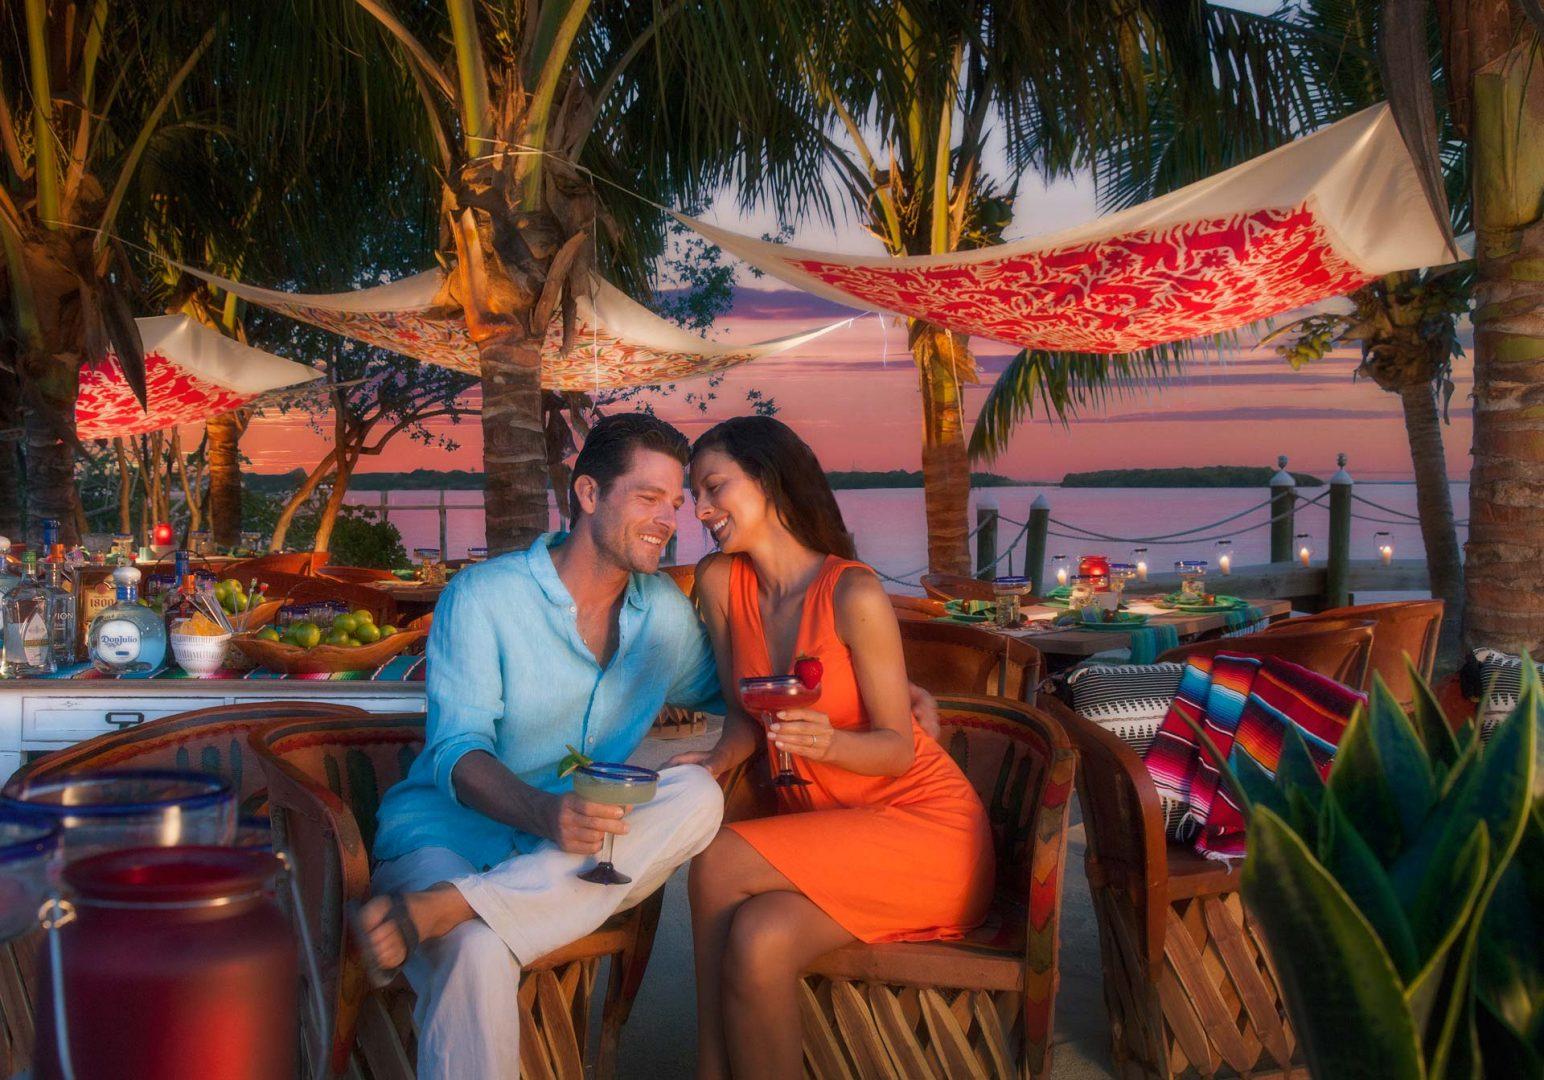 couple sitting by water enjoying margaritas at sunset